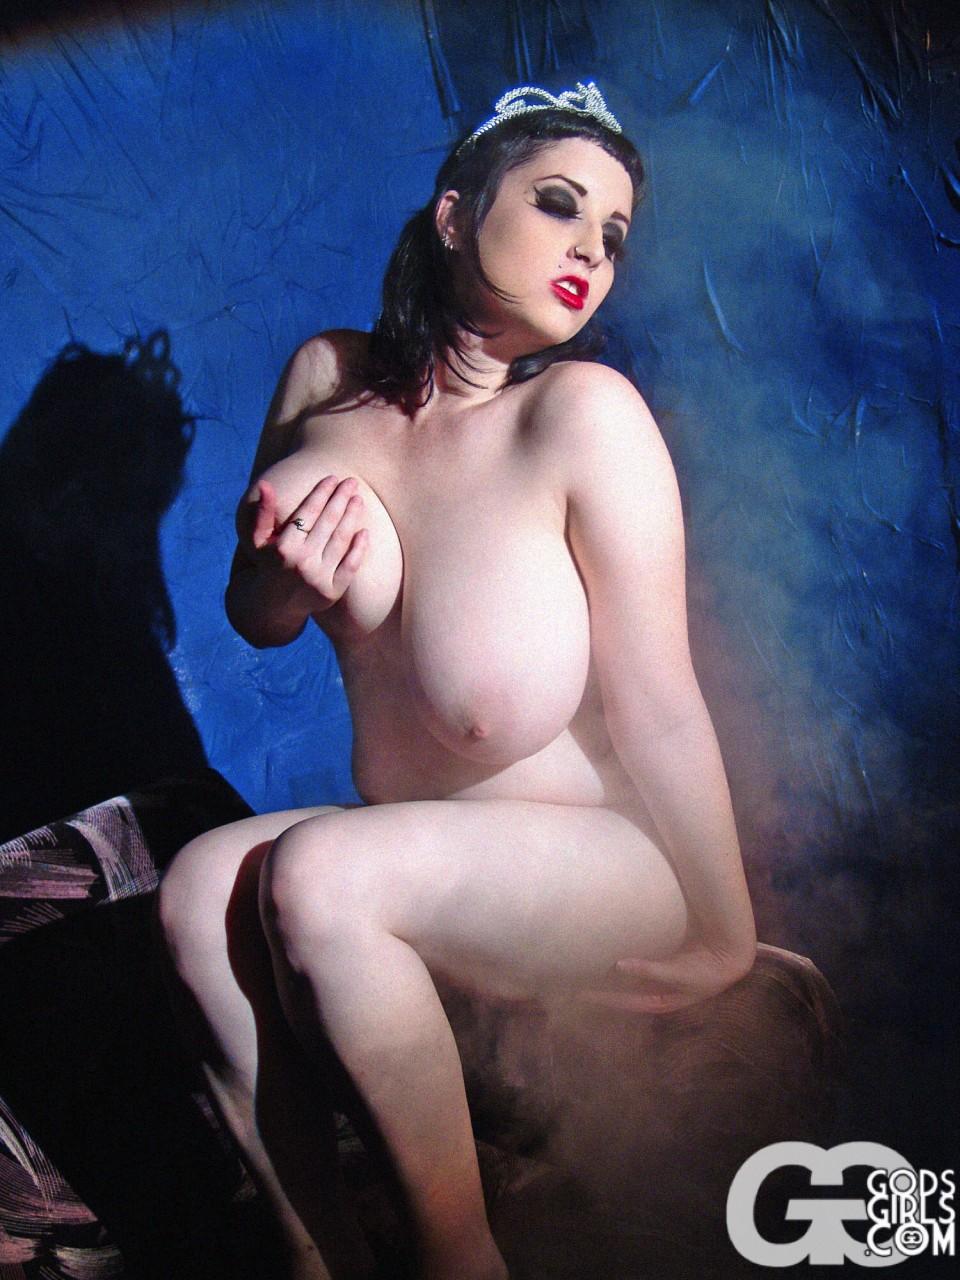 Vampire big boobs pussy sexy tube